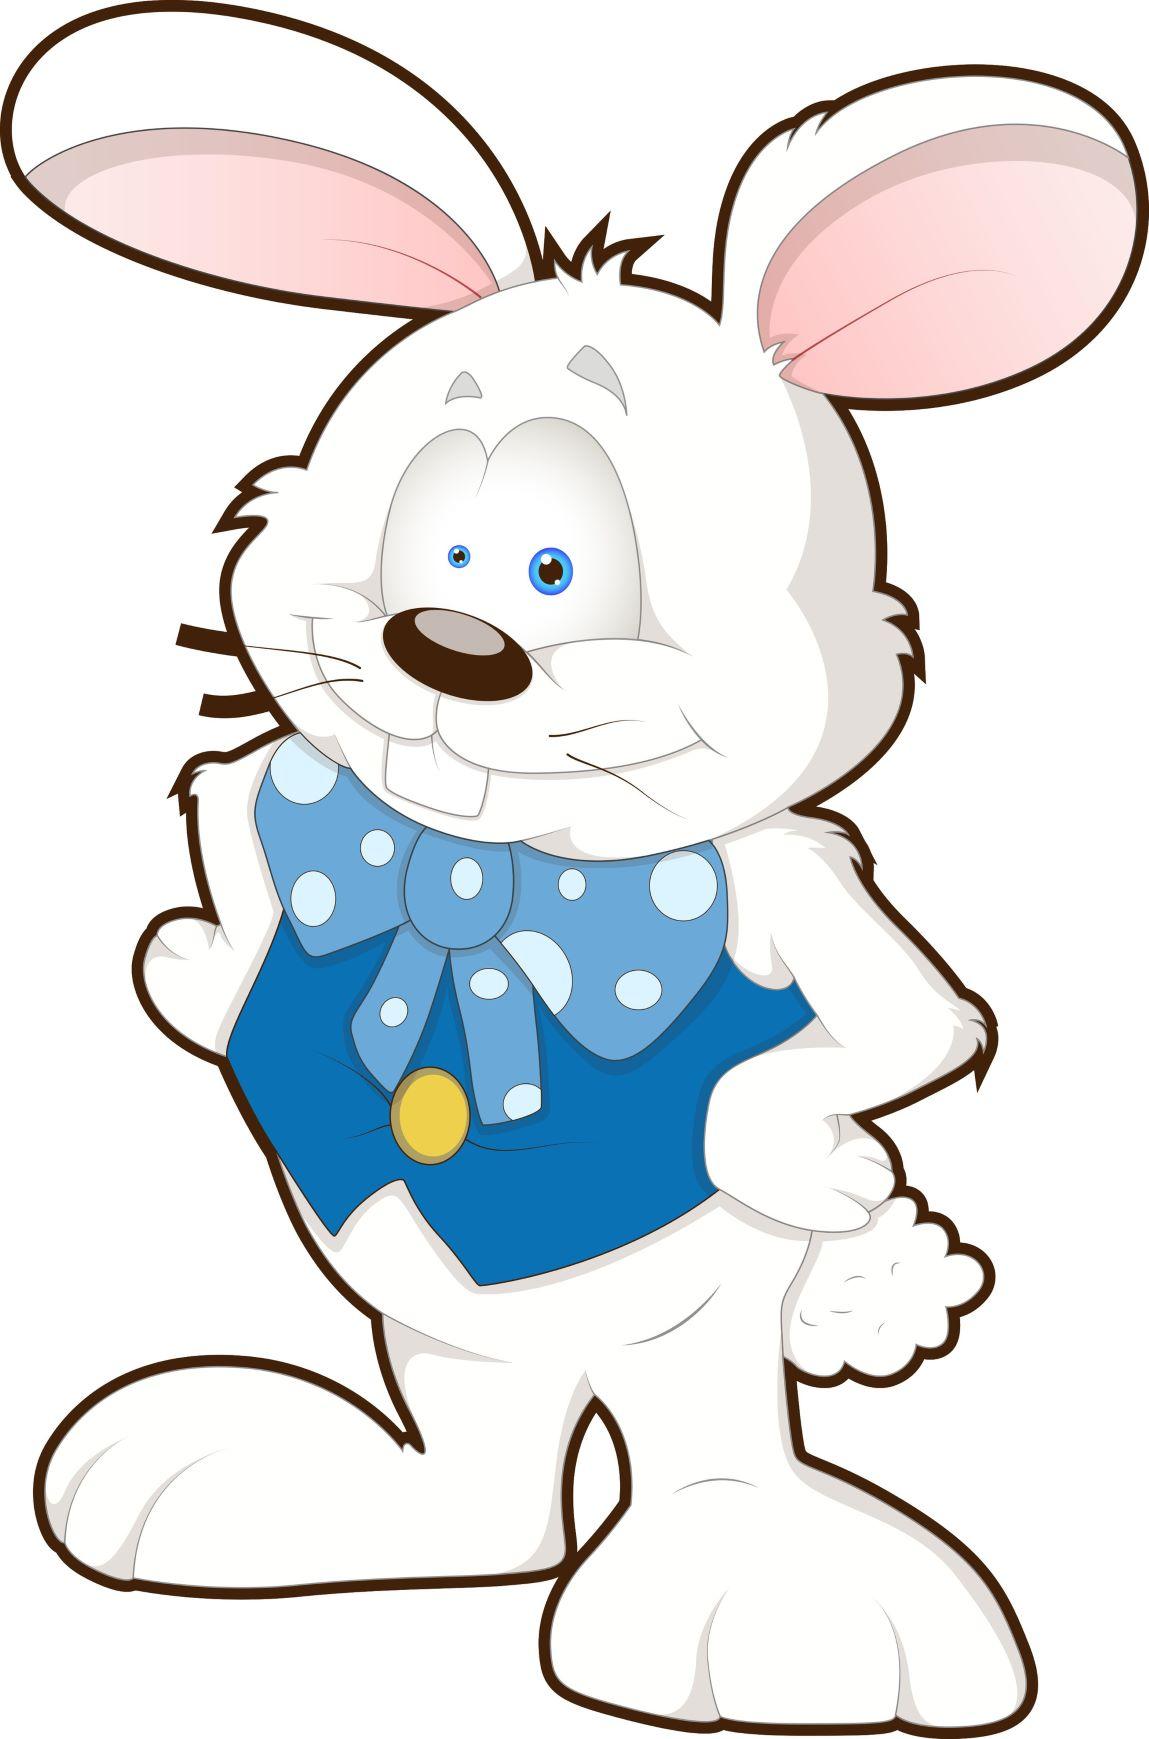 rabbit-cartoon-character_MySg2ov__L